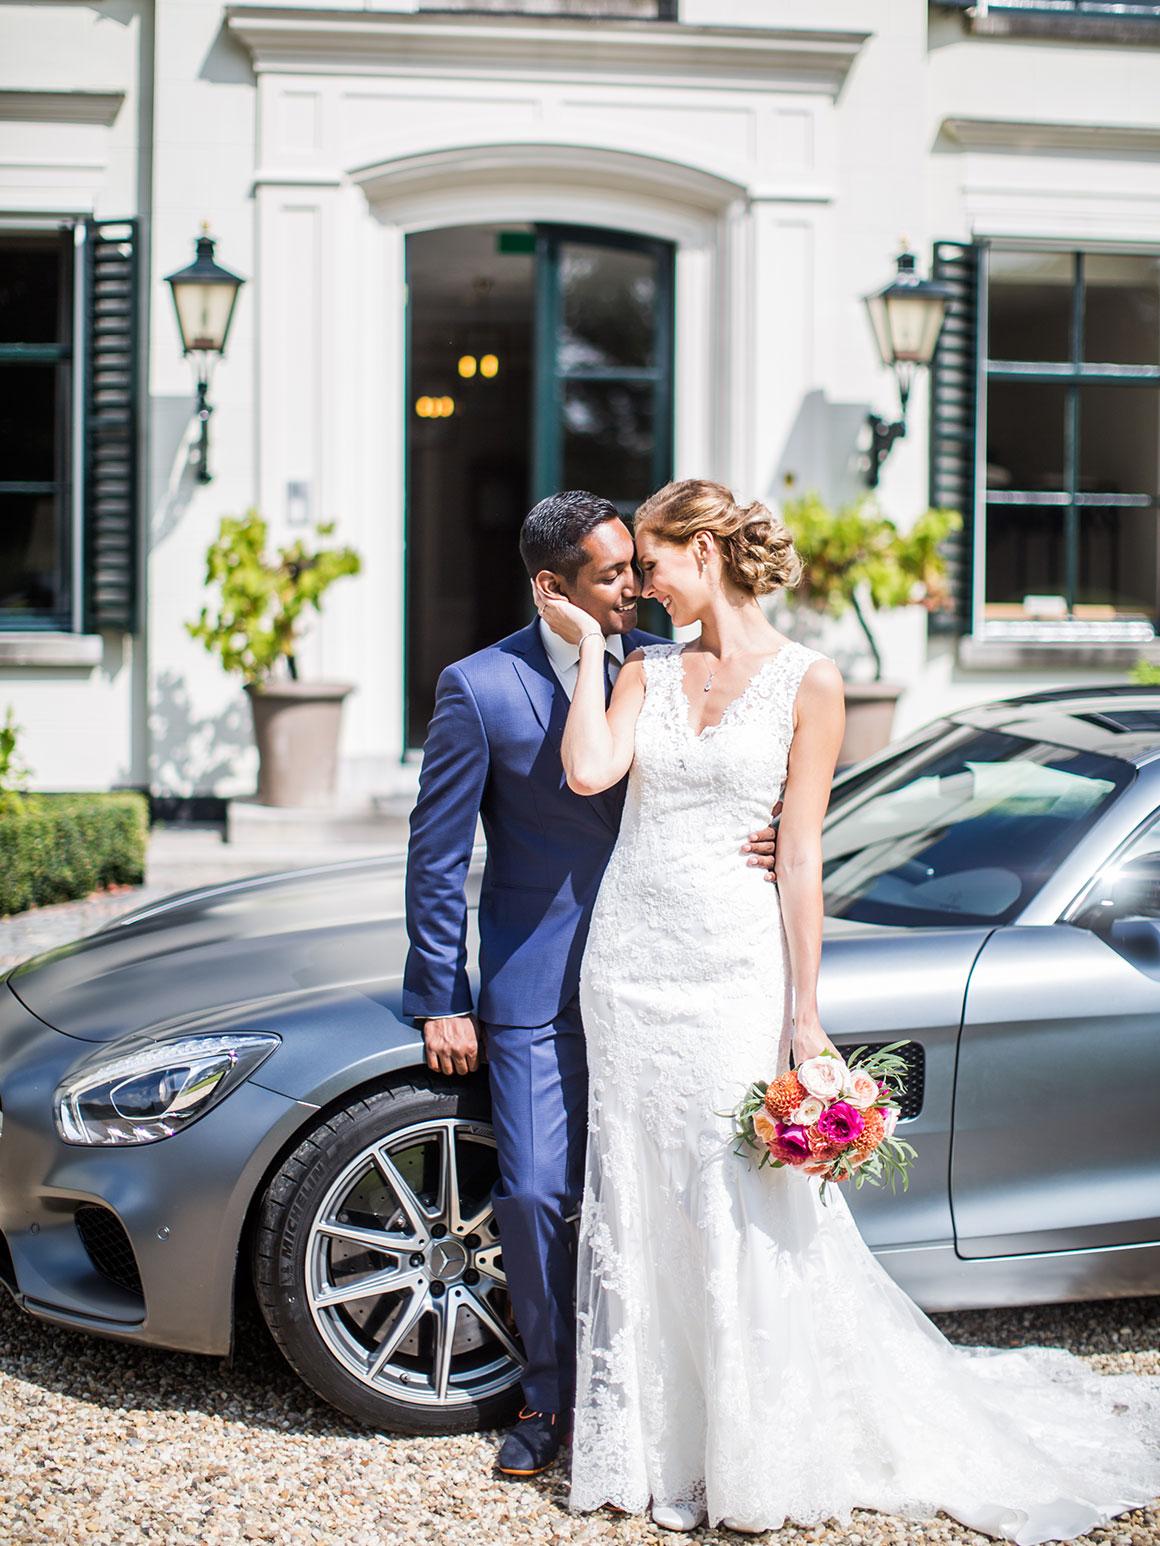 Onze bruiloft: De grote dag #2